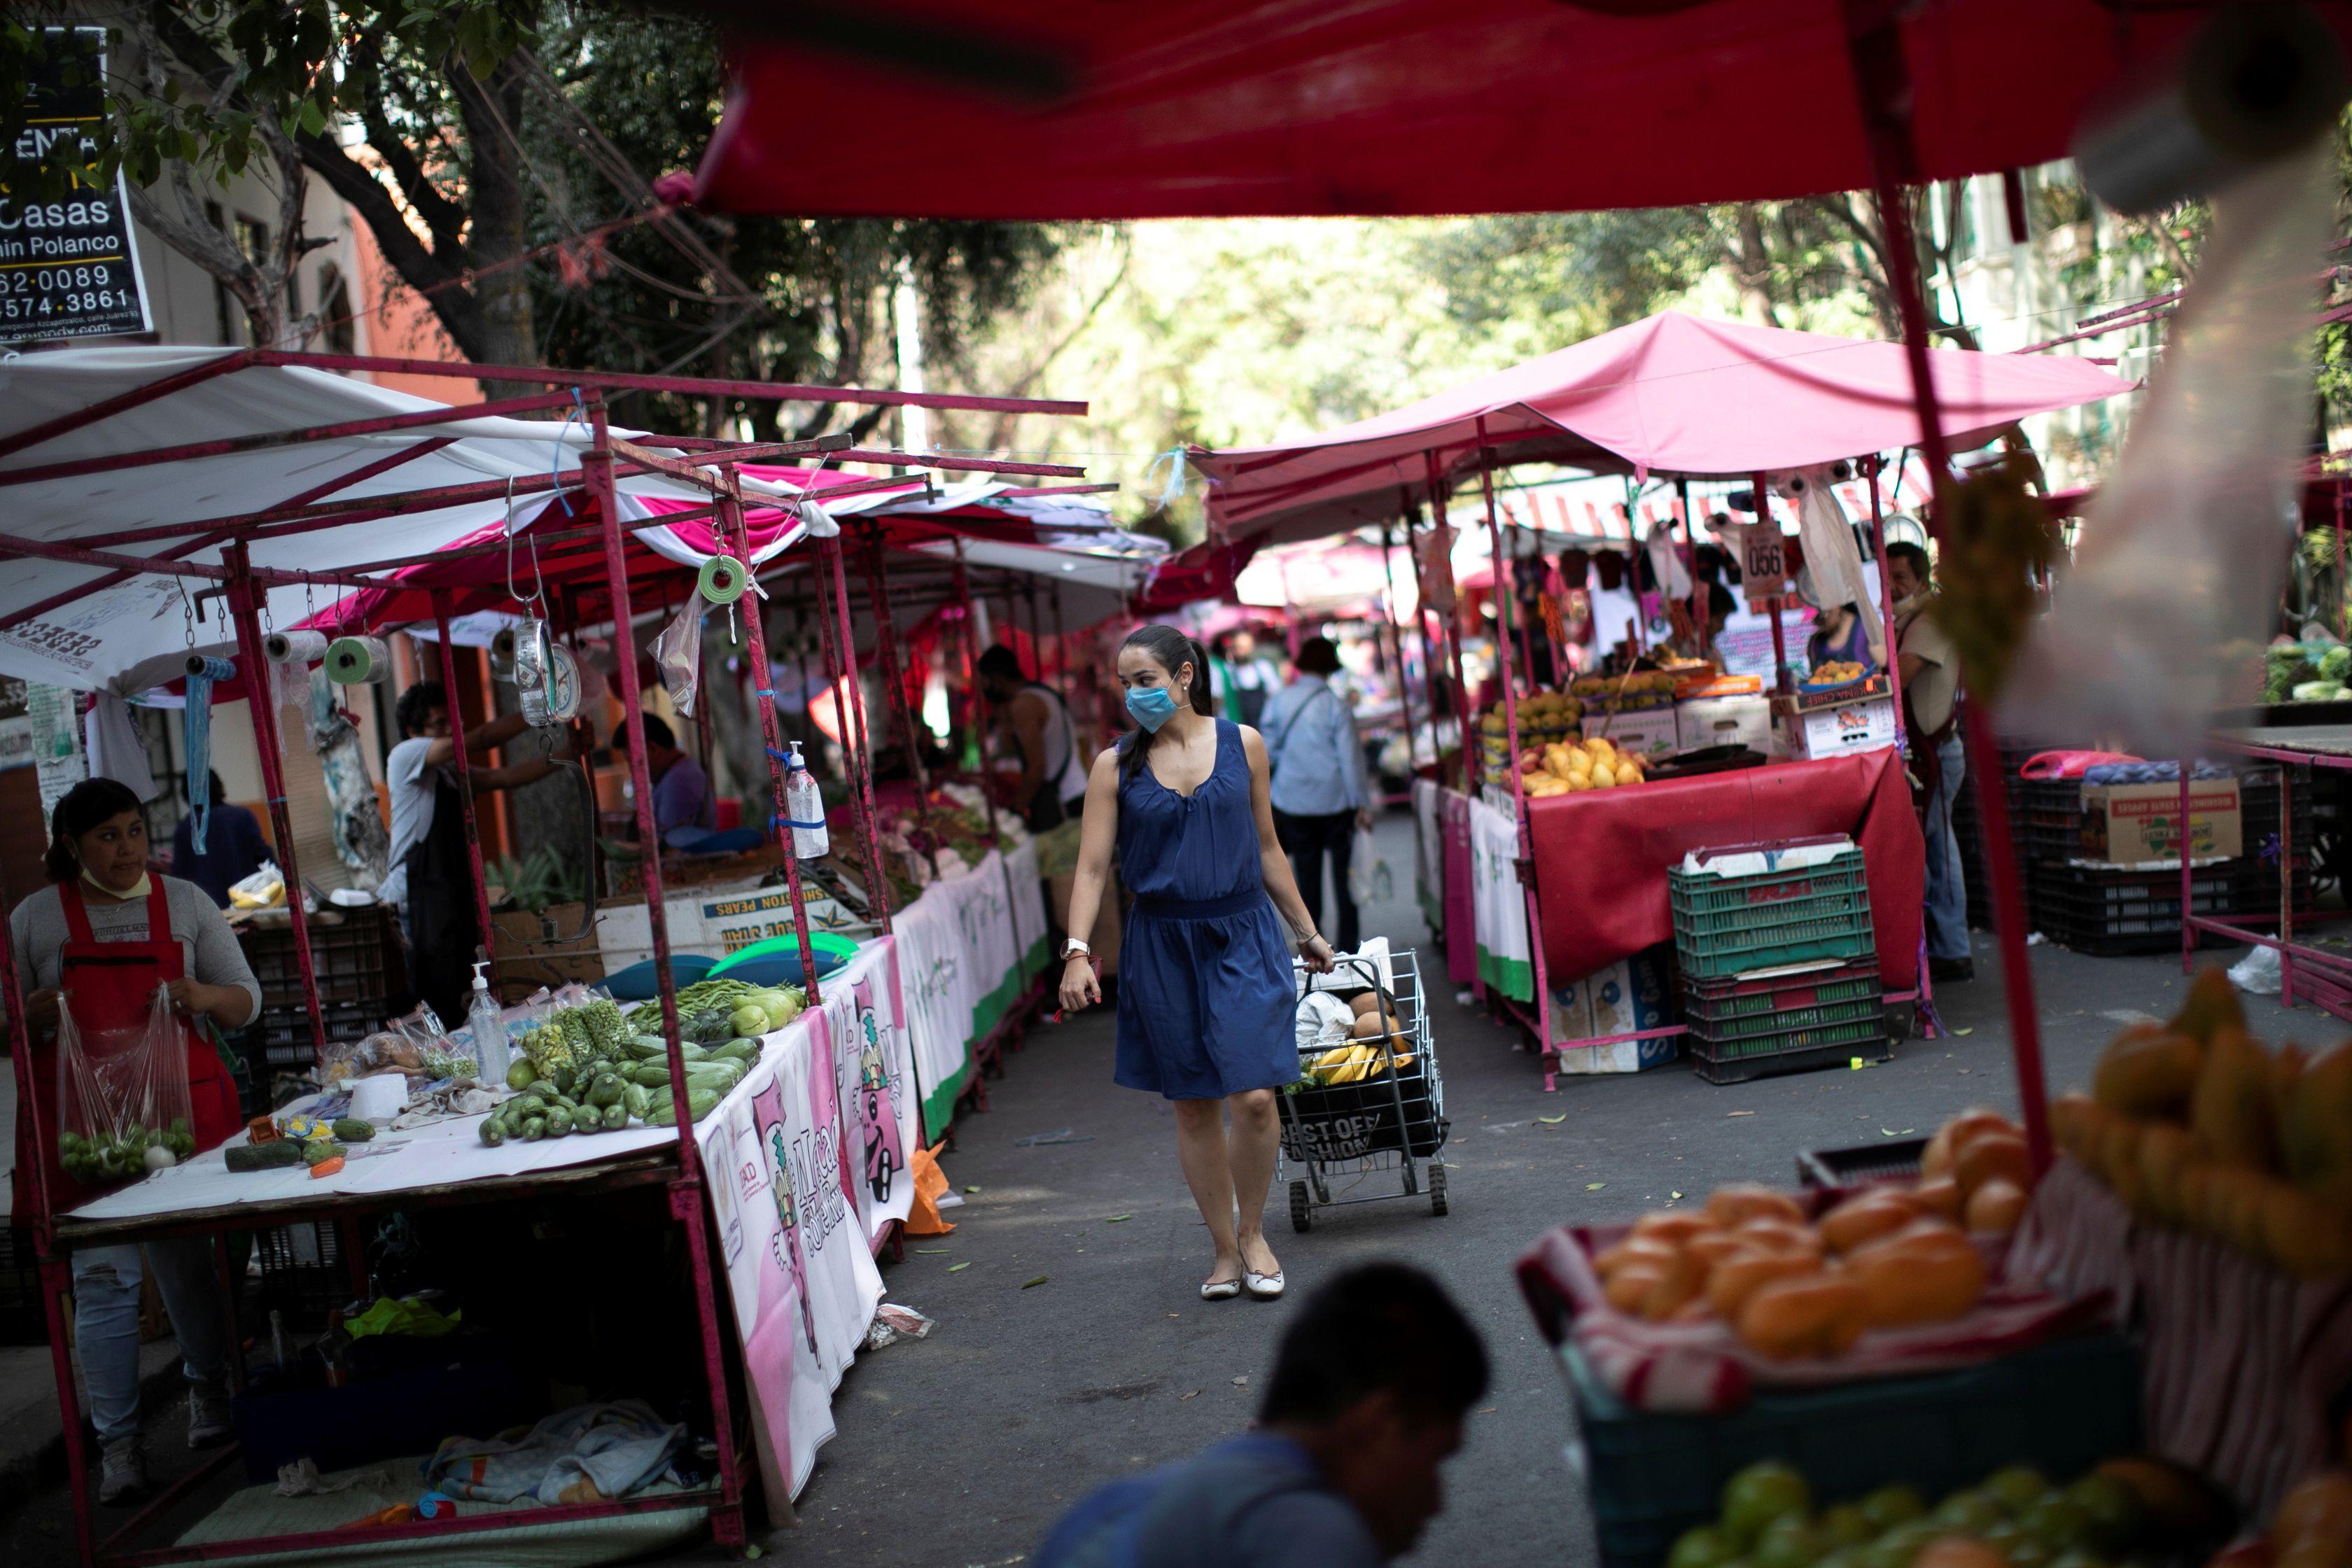 Se muestra a una mujer entre vendedores en el mercado callejero local después de que el gobierno de México declara una emergencia de salud el lunes y emite reglas más estrictas que contienen la enfermedad de coronavirus de rápida propagación (COVID-19), en la Ciudad de México, México, el 31 de marzo de 2020.